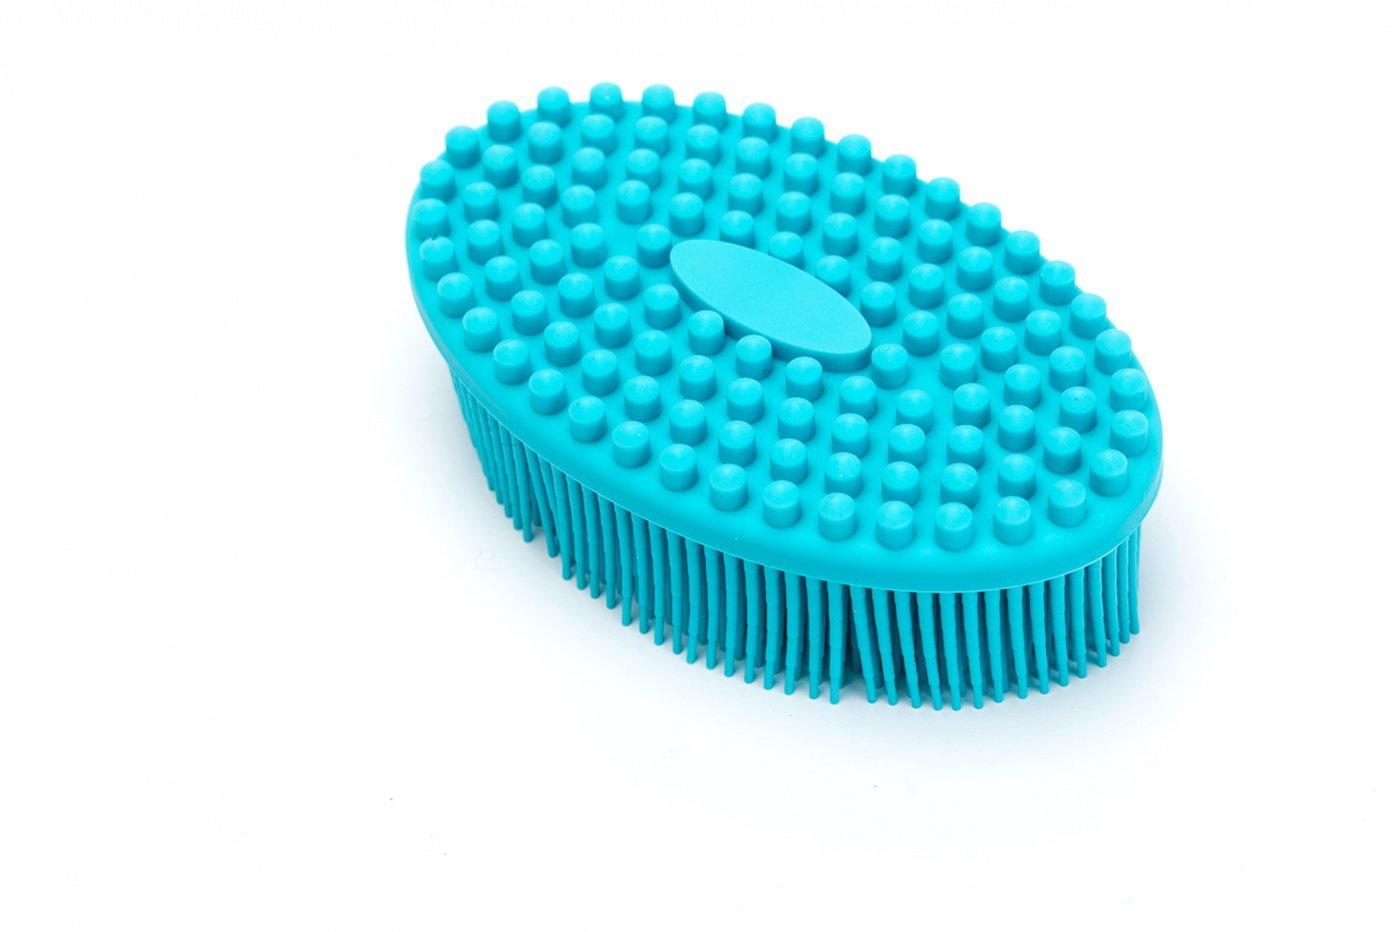 Щетка массажная для тела Bradex «Актиния», KZ 0458, голубой щетка массажная для тела bradex актиния сиреневый